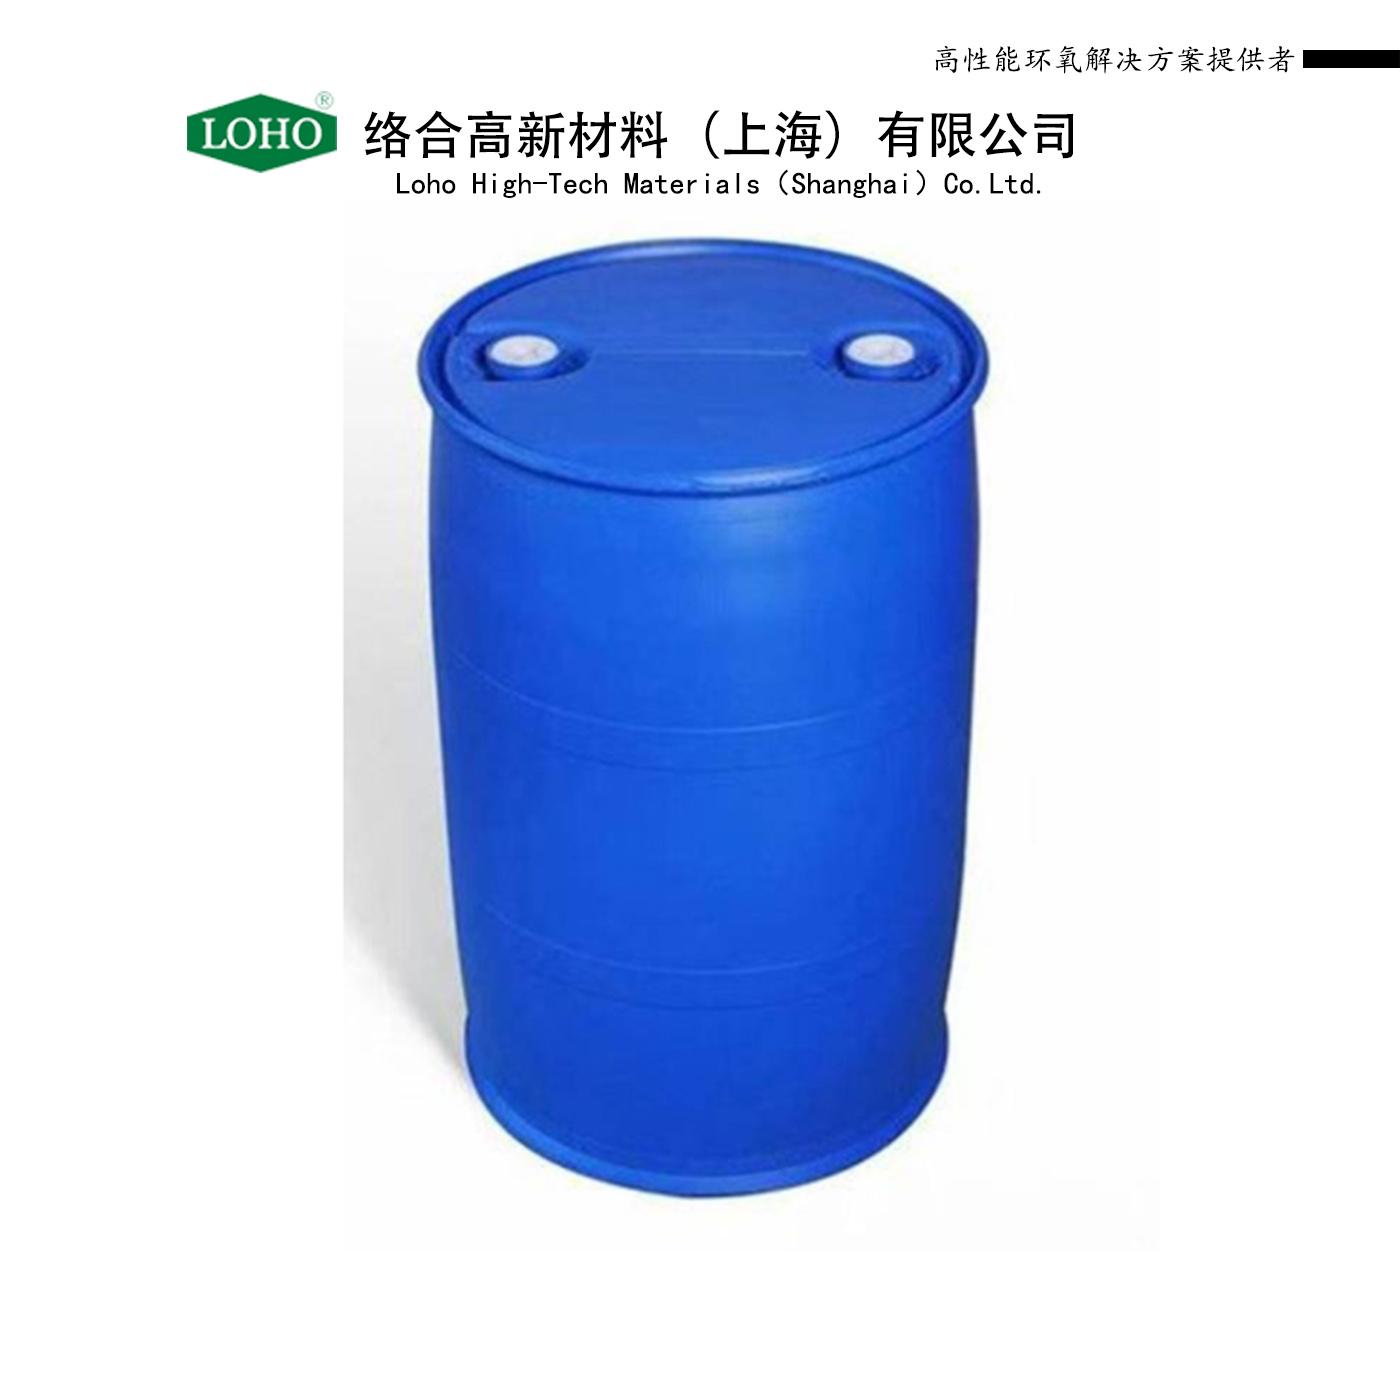 进口液态聚硫橡胶耐油、耐溶剂、耐酸、耐碱、耐海水腐蚀